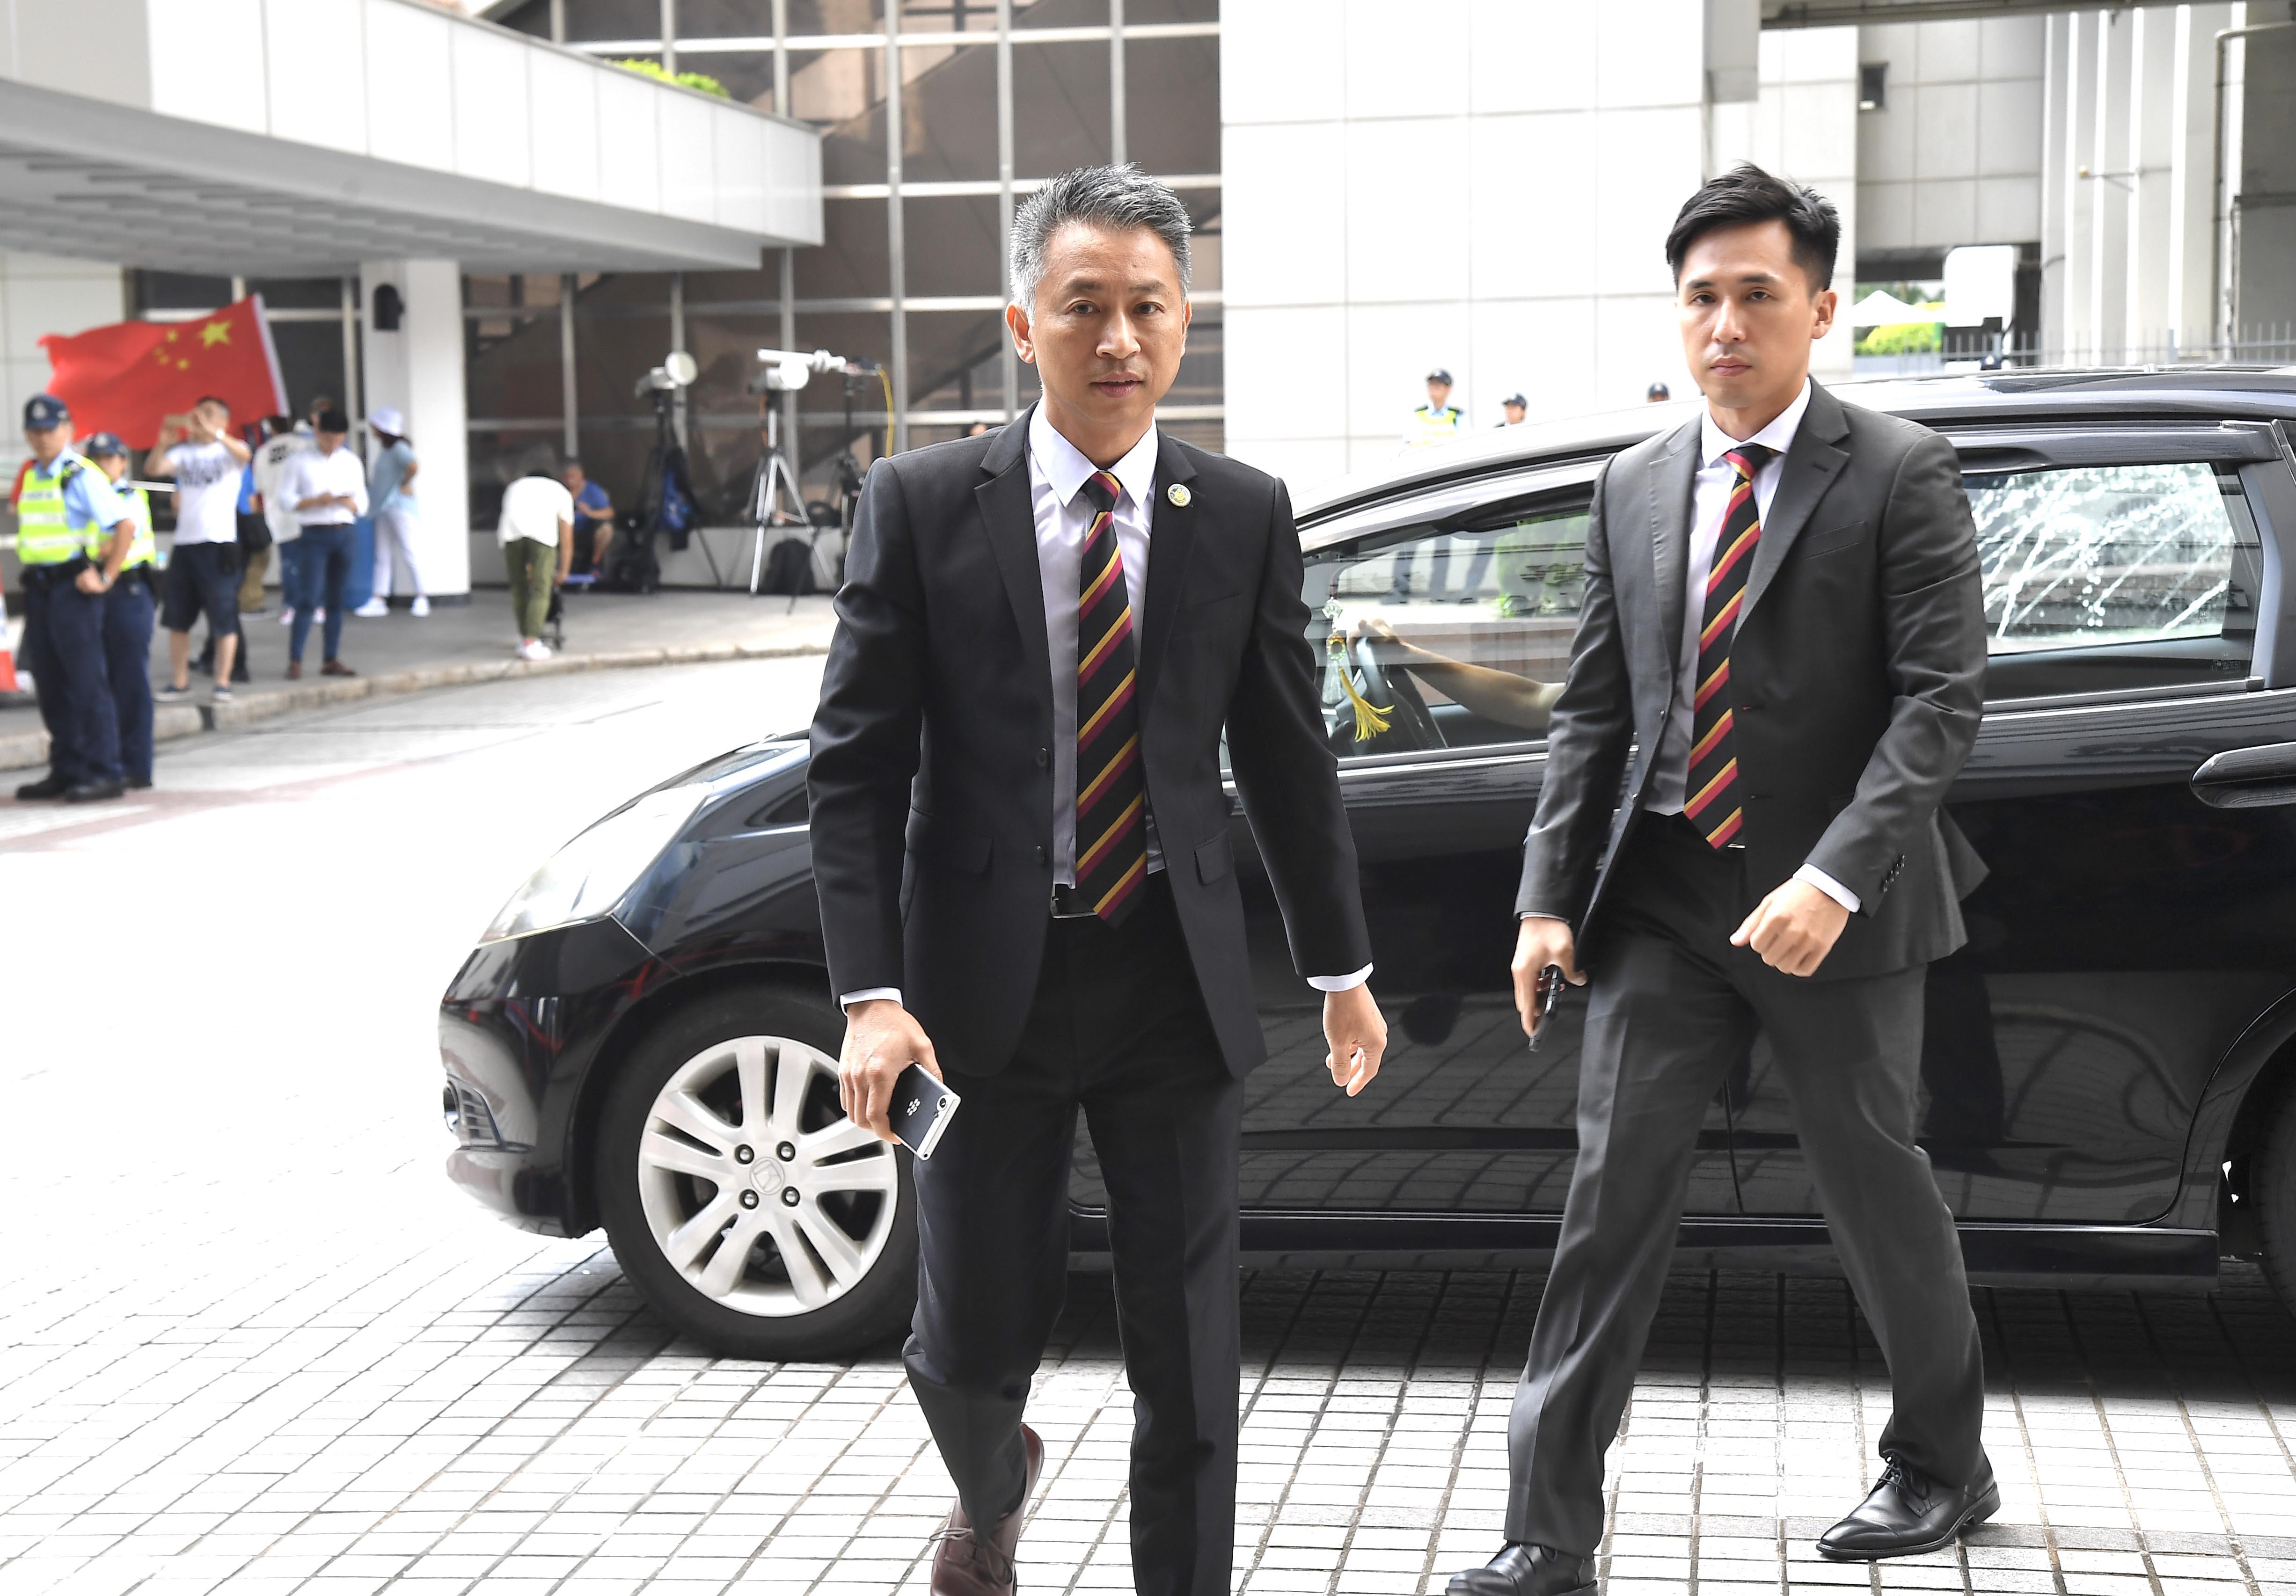 7警案2人上訴得直5獲減刑 劉興沛黃偉豪罪脫當庭獲-香港商報